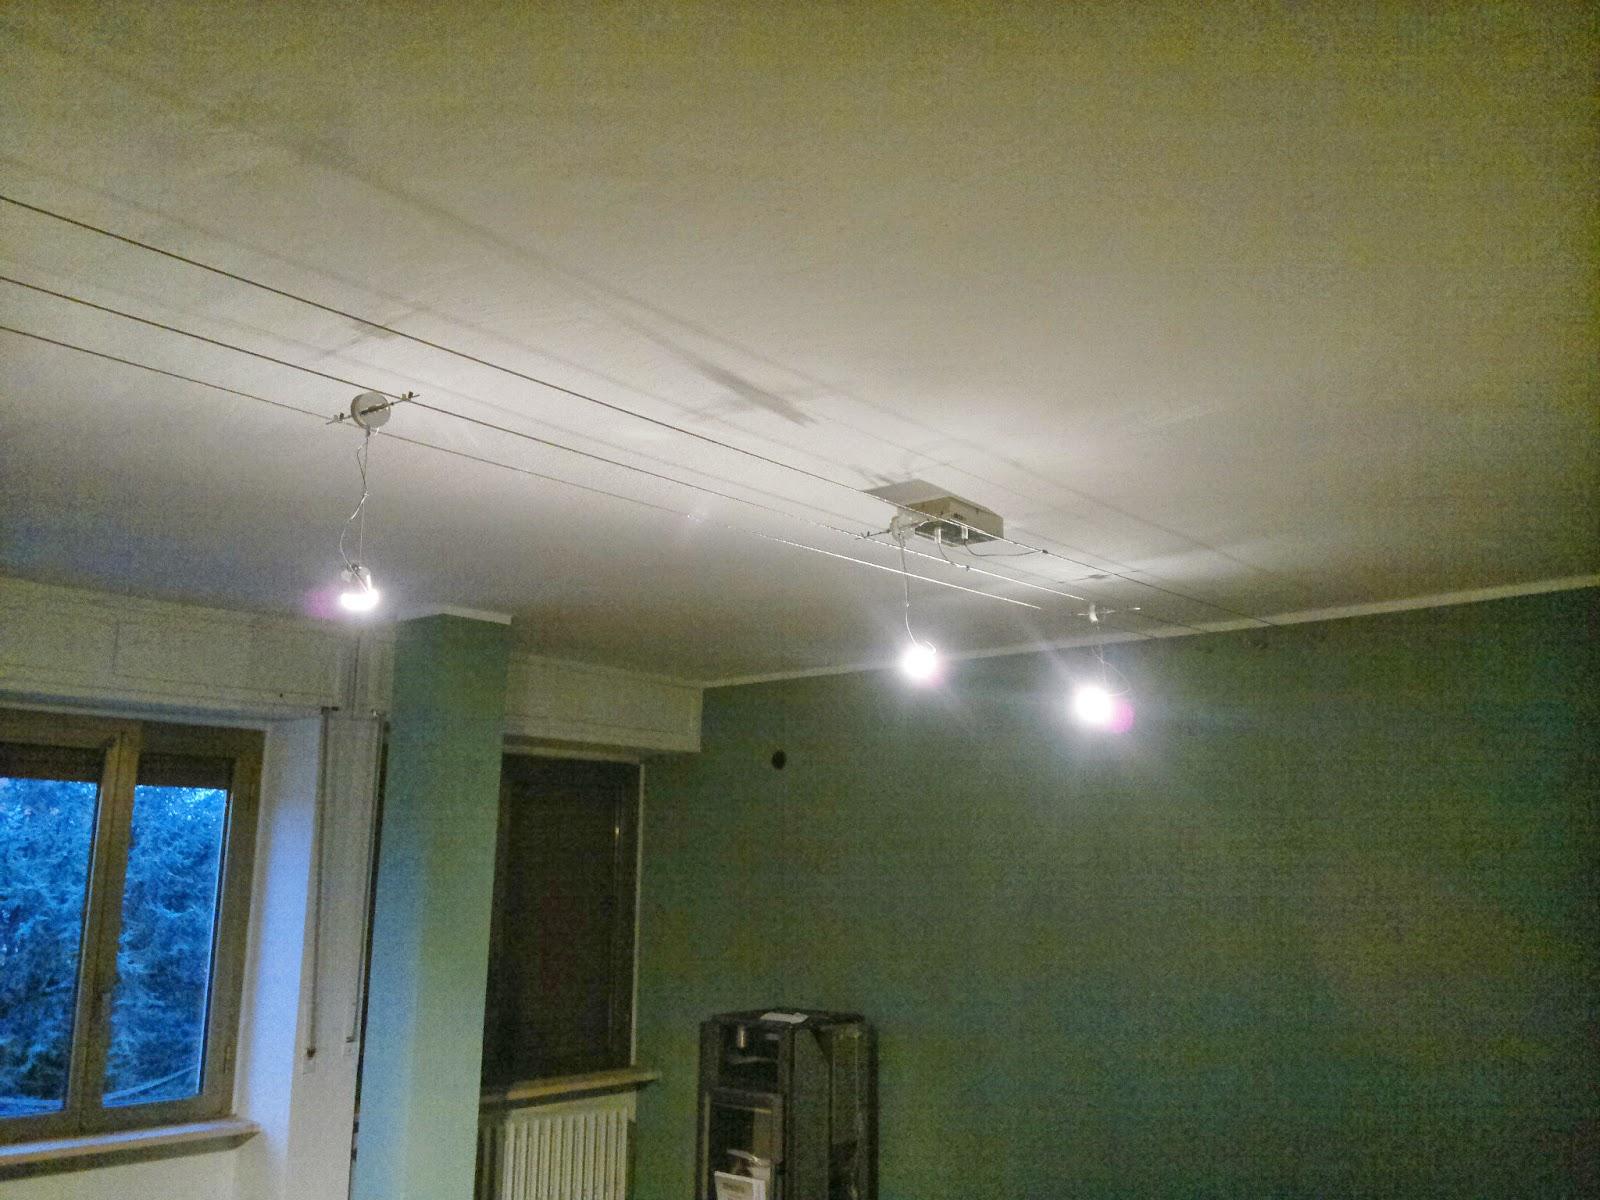 Illuminazione led casa gennaio 2015 - Esempi di illuminazione a led per interni ...